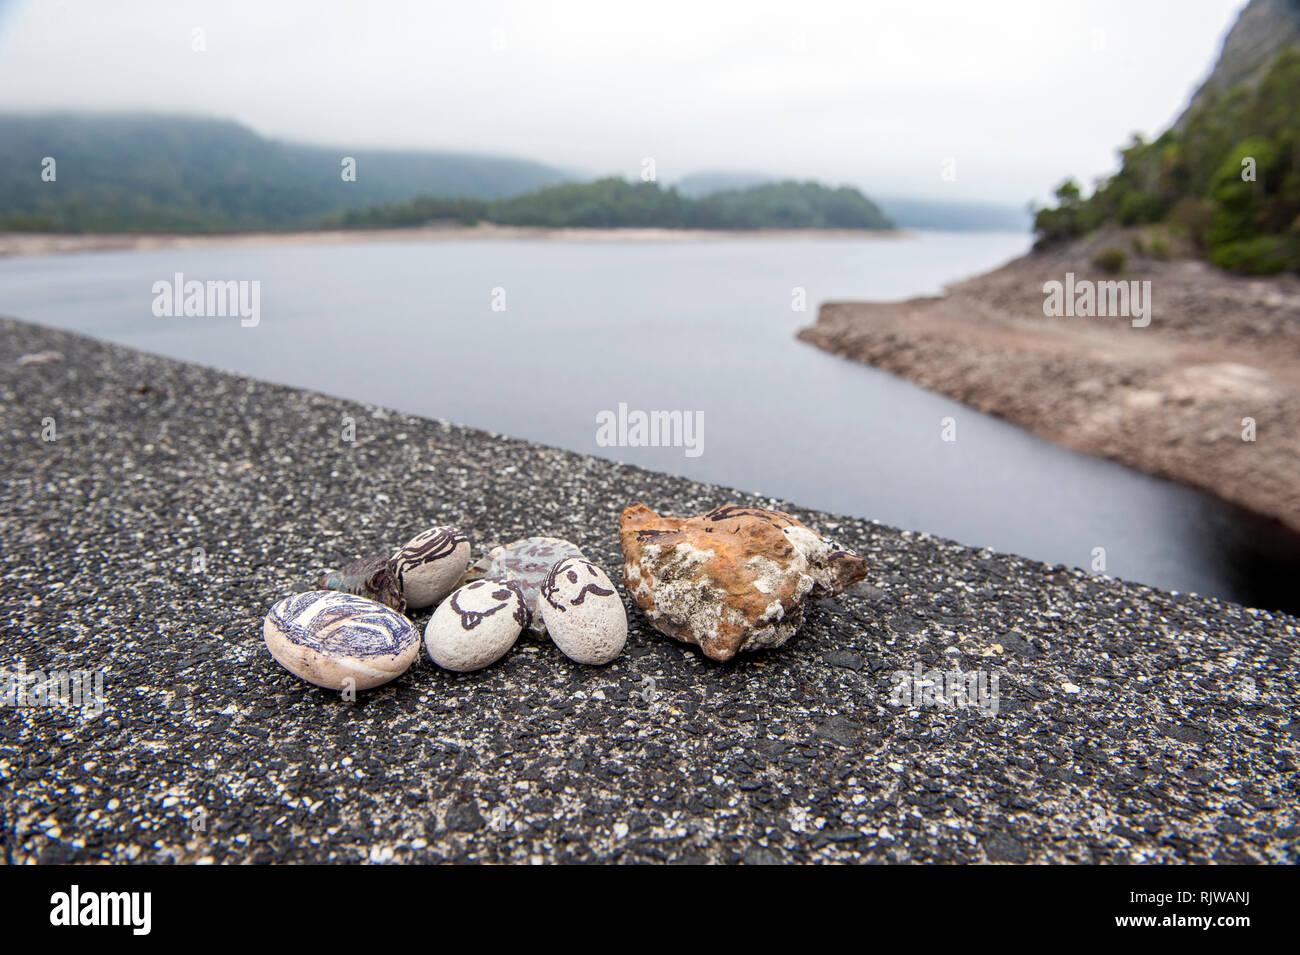 Pet piedras en el borde del lago de Mackintosh, un depósito que forman parte del plan de Hydro Electric Pieman cerca Tullah en Tasmania. Foto de stock